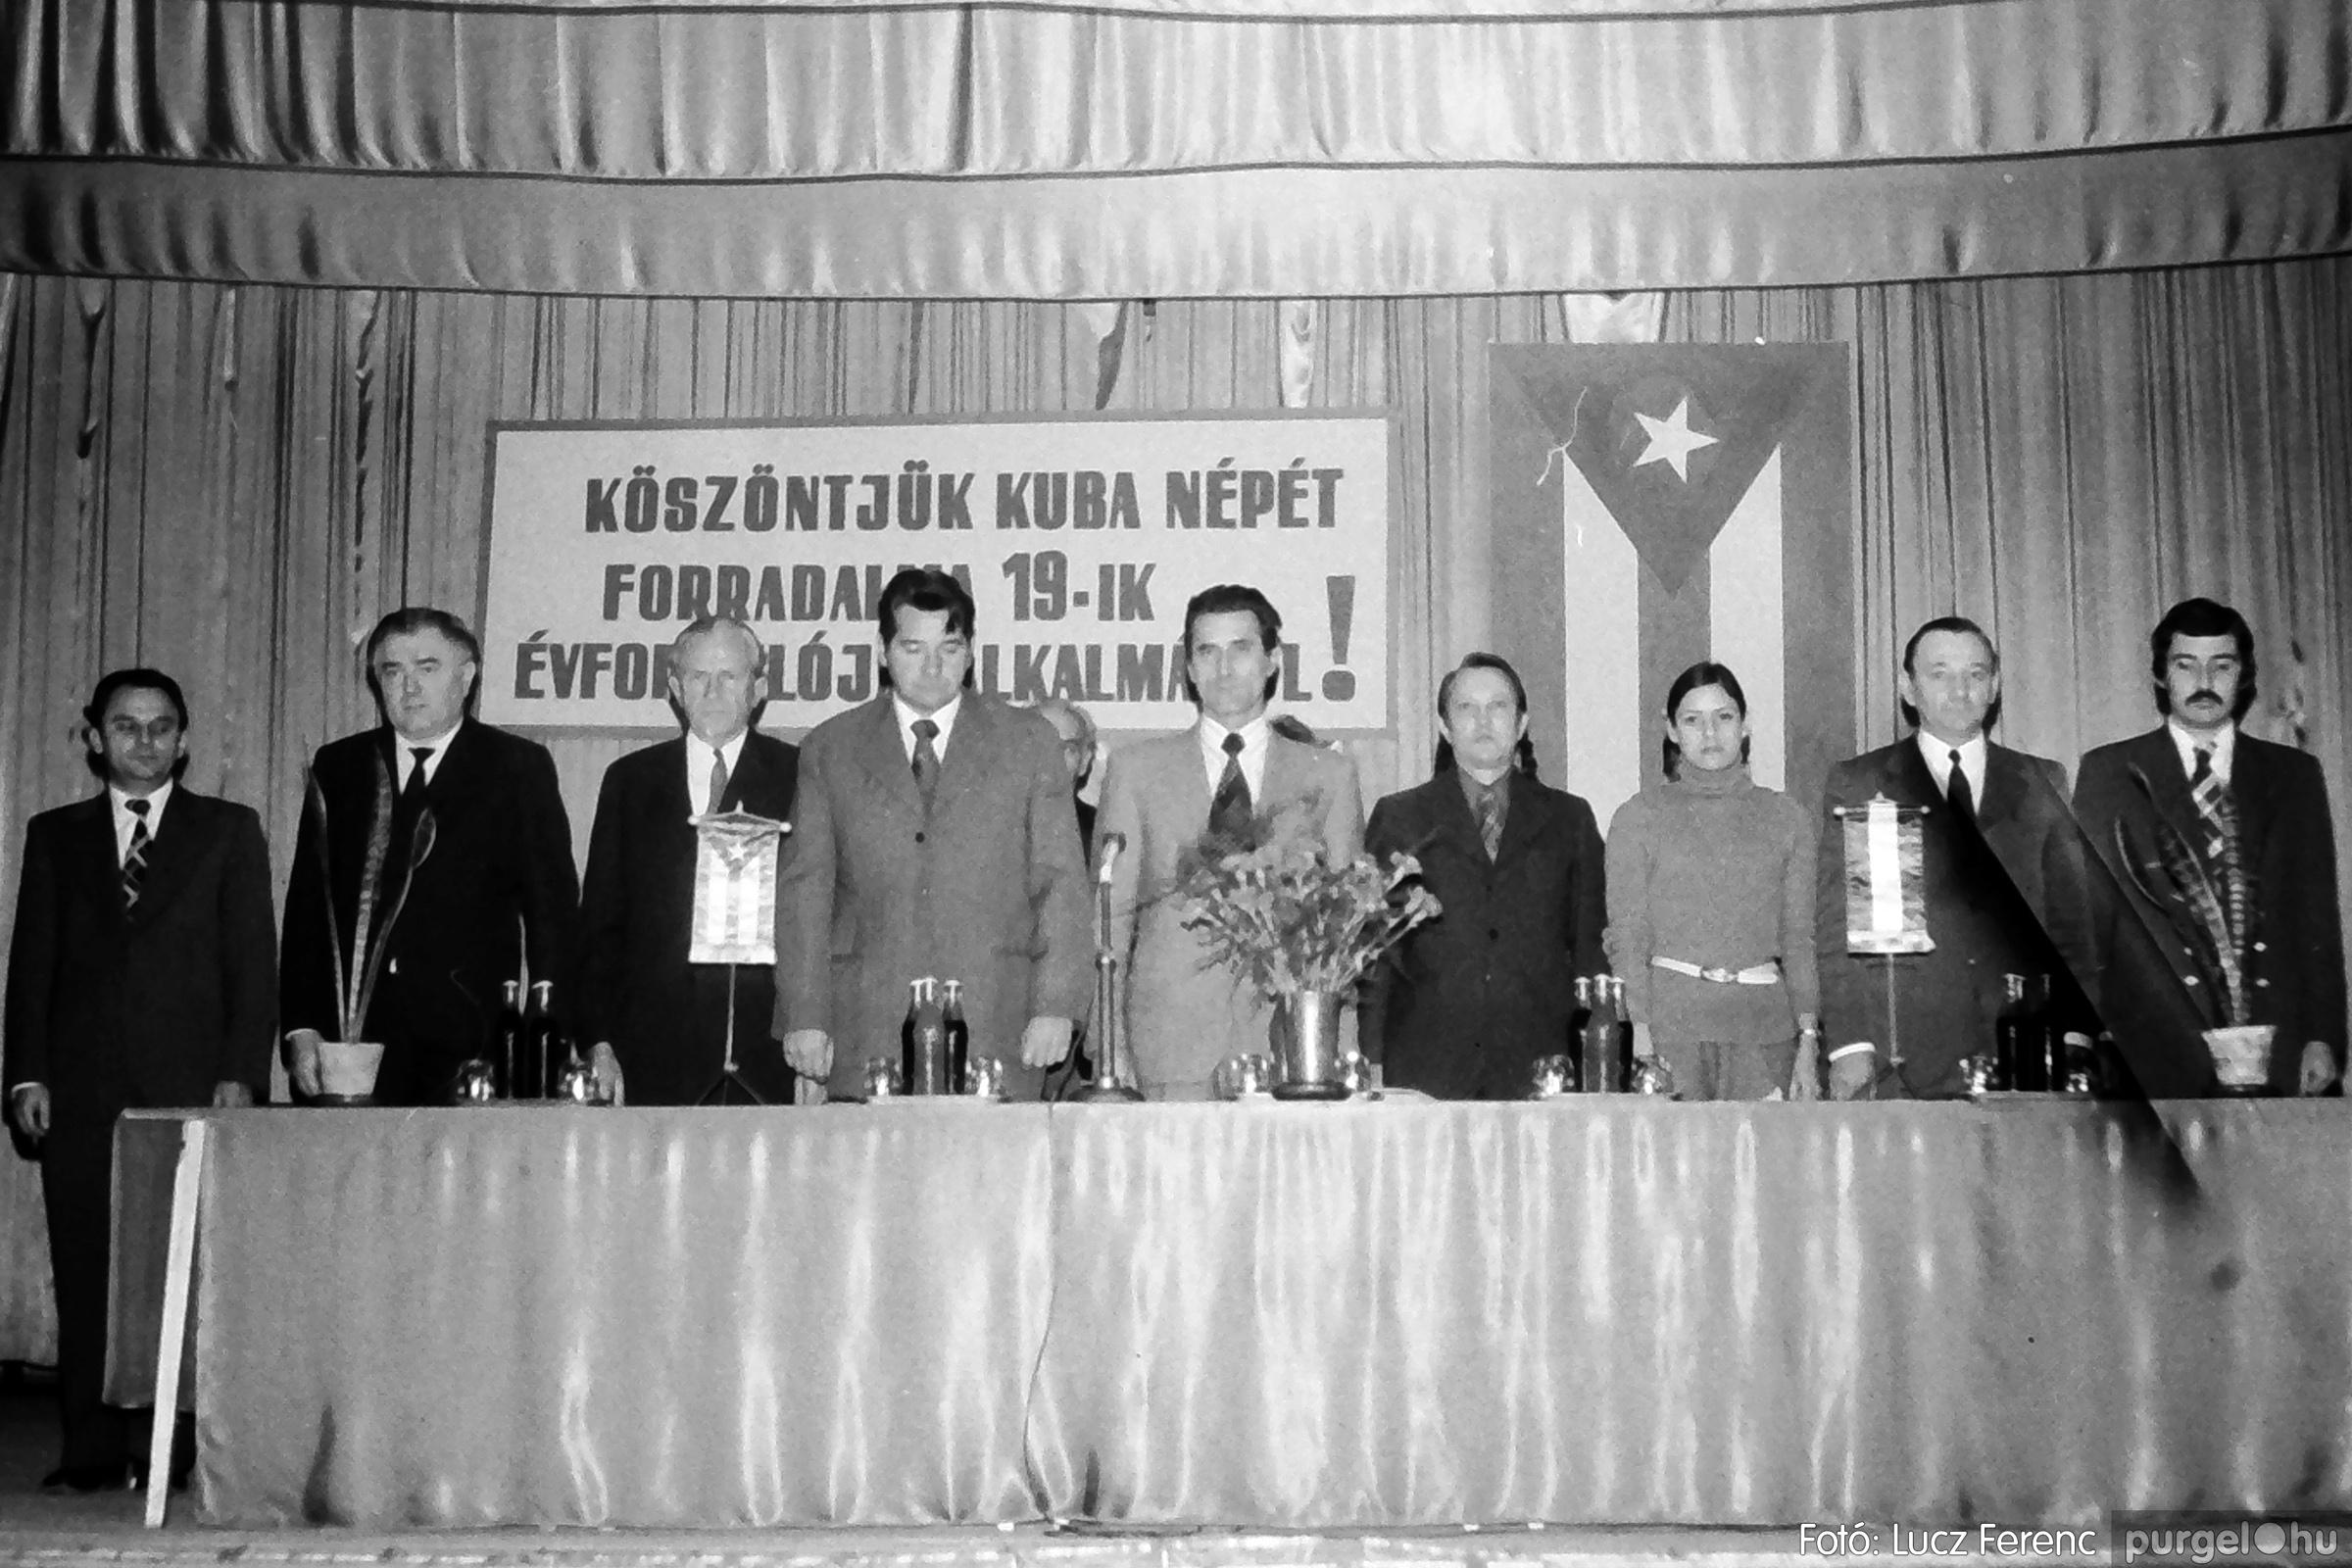 100. 1978. Köszöntjük Kuba népét! 002. - Fotó: Lucz Ferenc.jpg